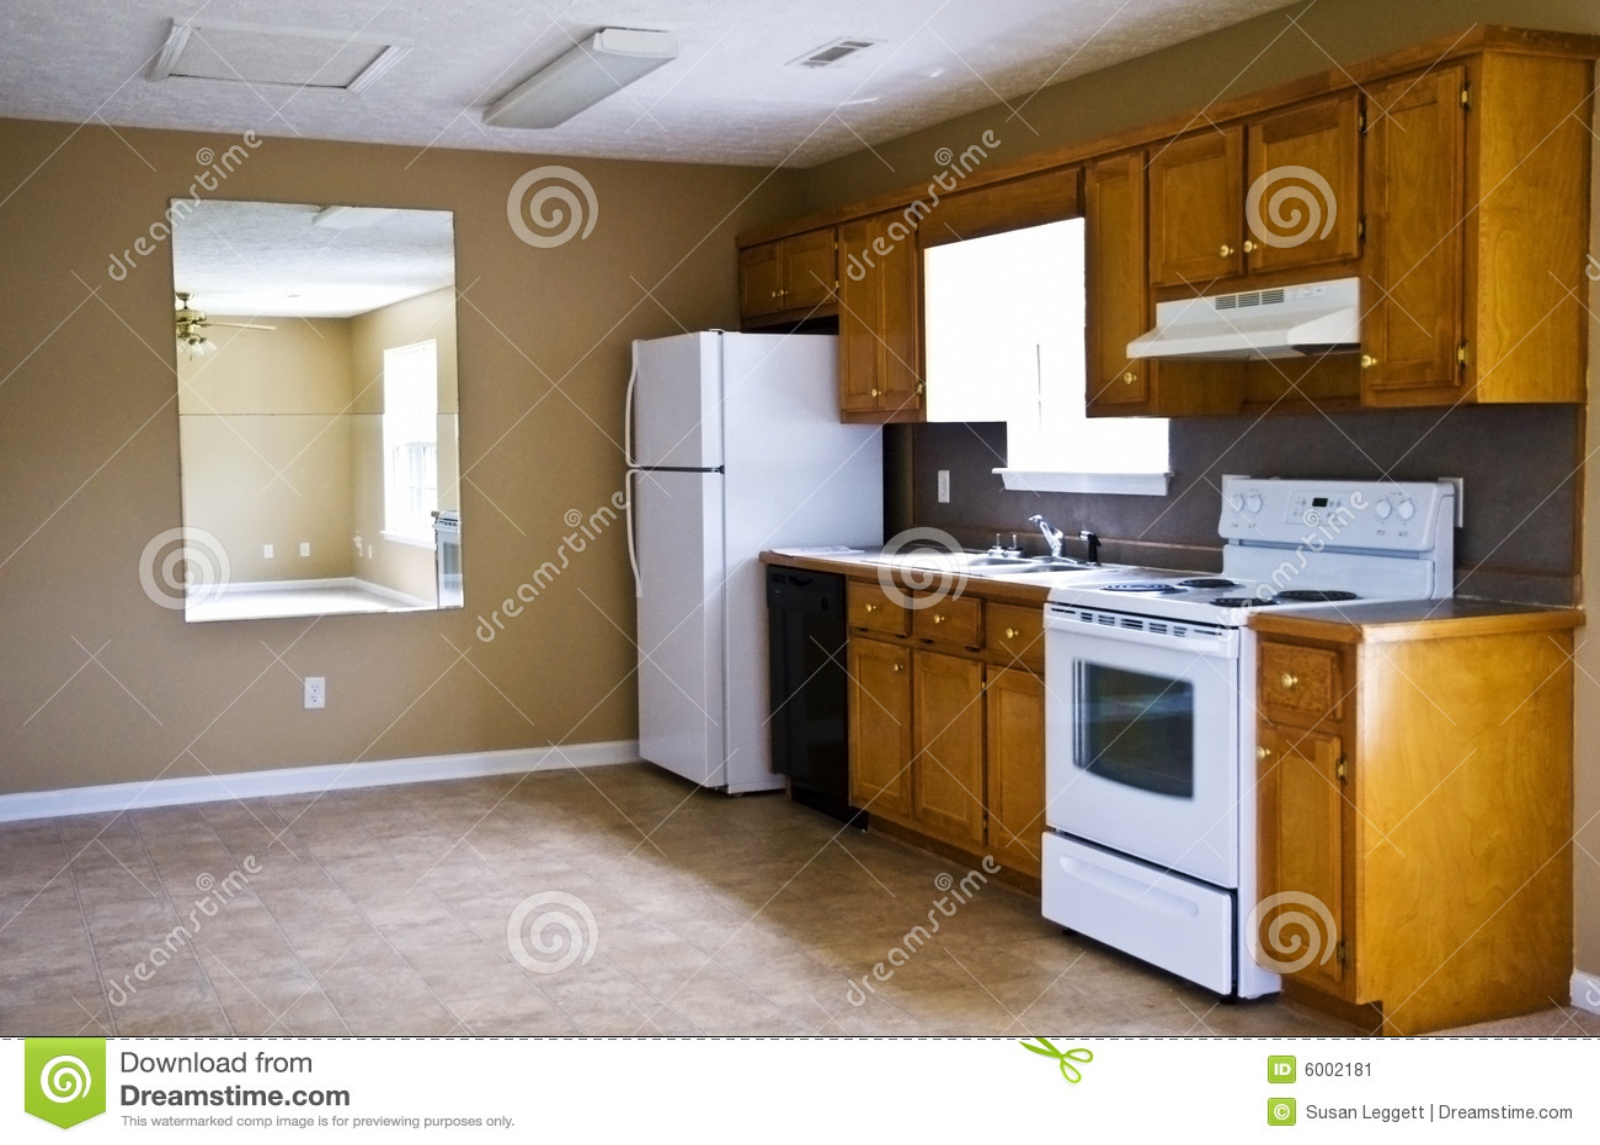 #B47C17 compacto apartamento feito sob medida renovado recentemente cozinha  1300x947 px Armario Compacto Para Cozinha Pequena_1211 Imagens